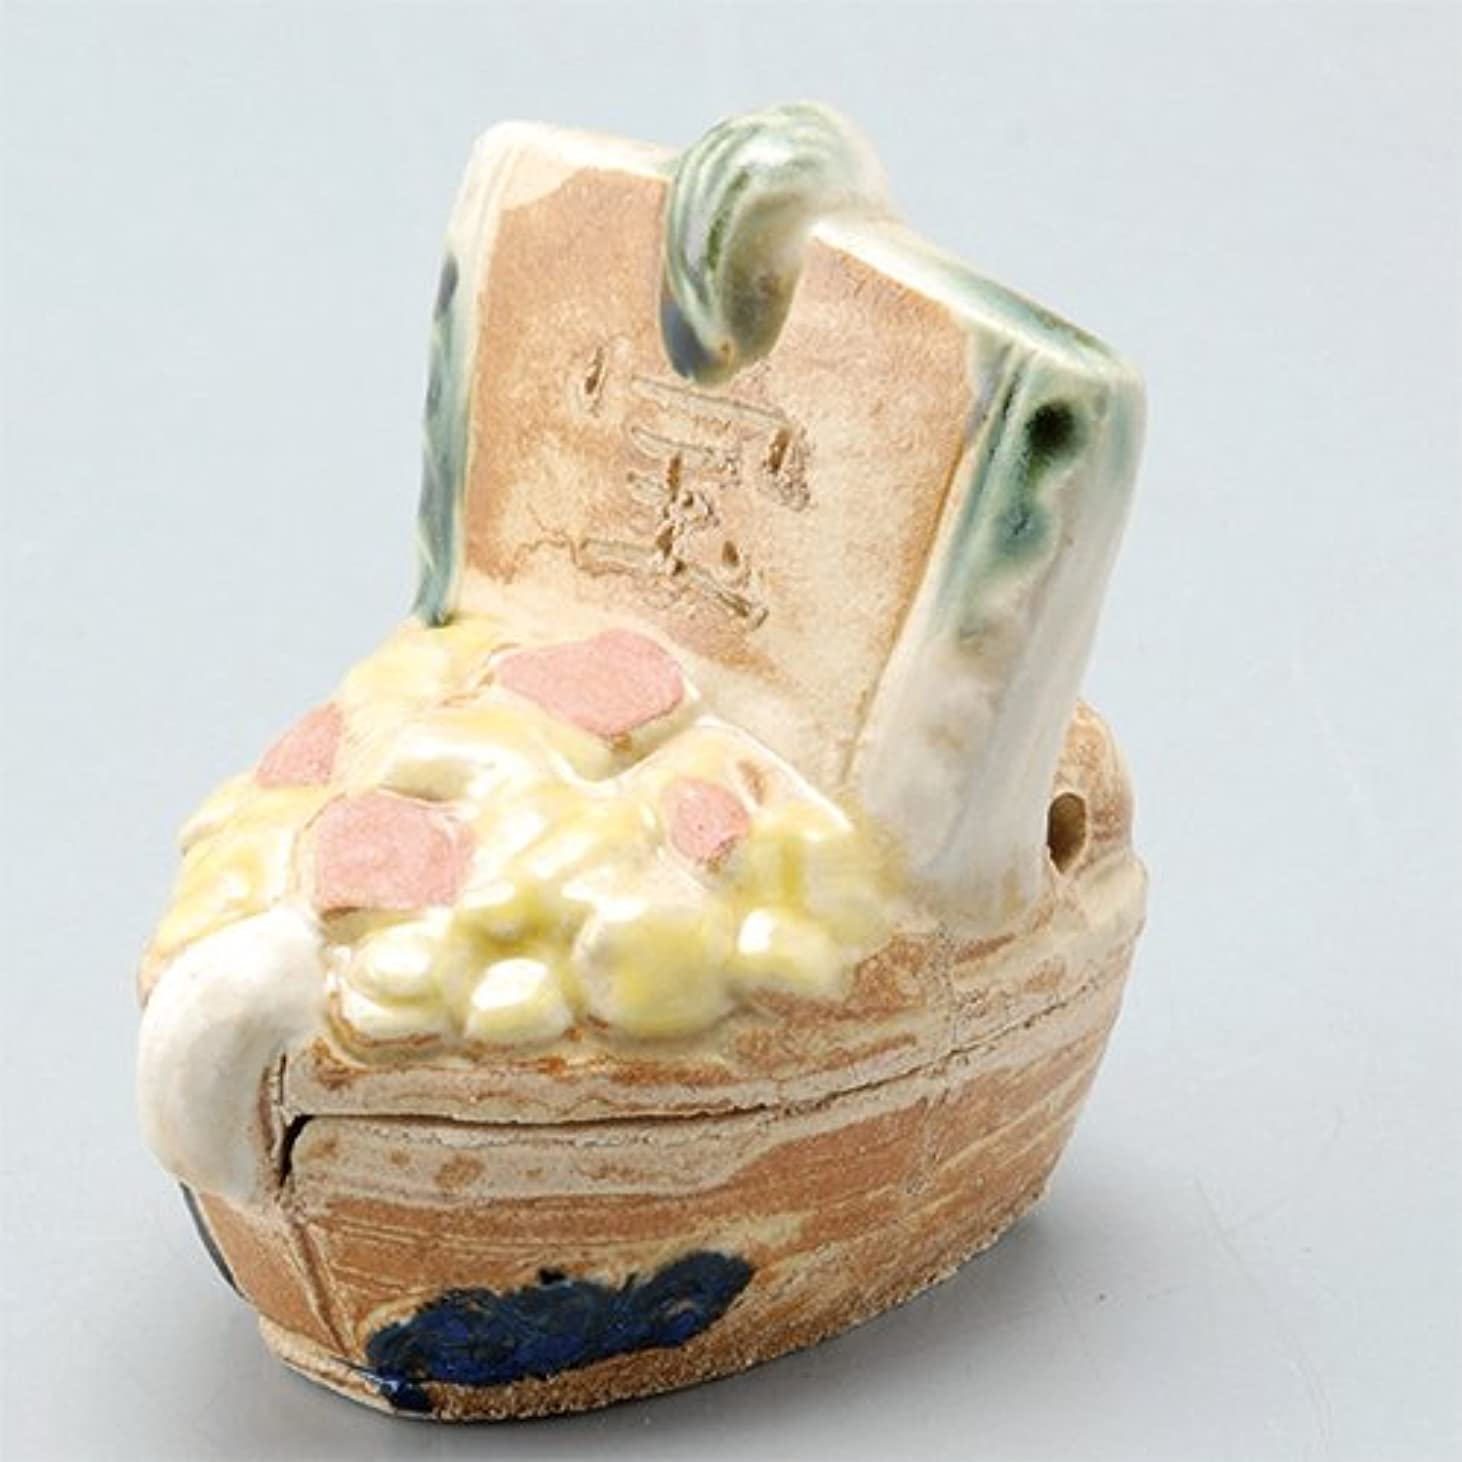 保持ちょっと待ってワイプ香炉 飾り香炉(宝船) [H7cm] HANDMADE プレゼント ギフト 和食器 かわいい インテリア